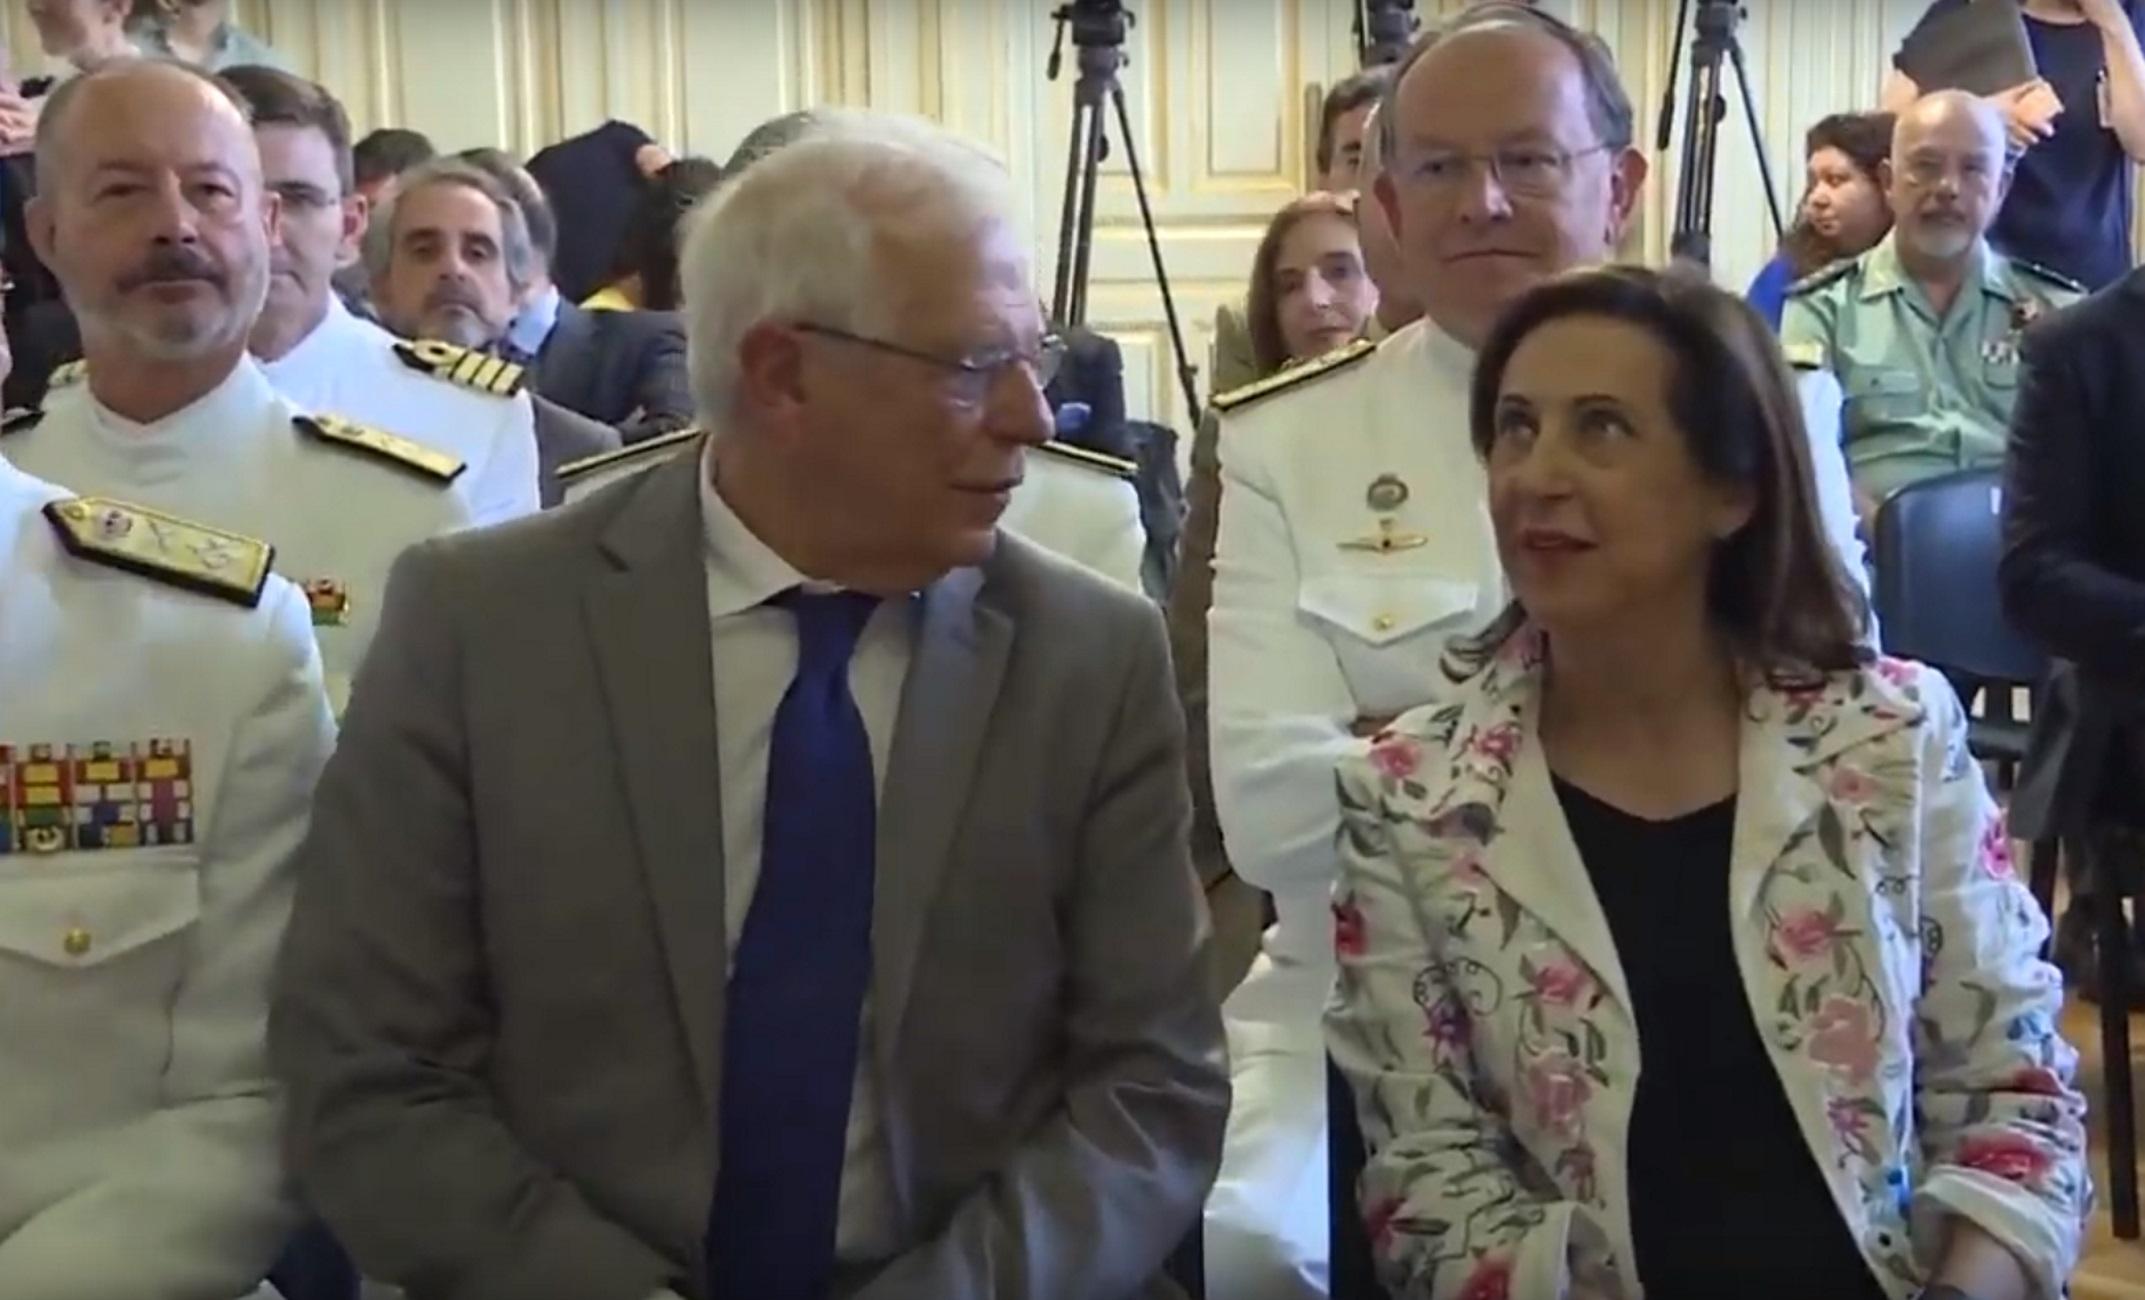 Ισπανία: Η Μαργκαρίτα Ρόμπλες αντικαθιστά τον Ζοσέπ Μπορέλ στο υπουργείο Εξωτερικών